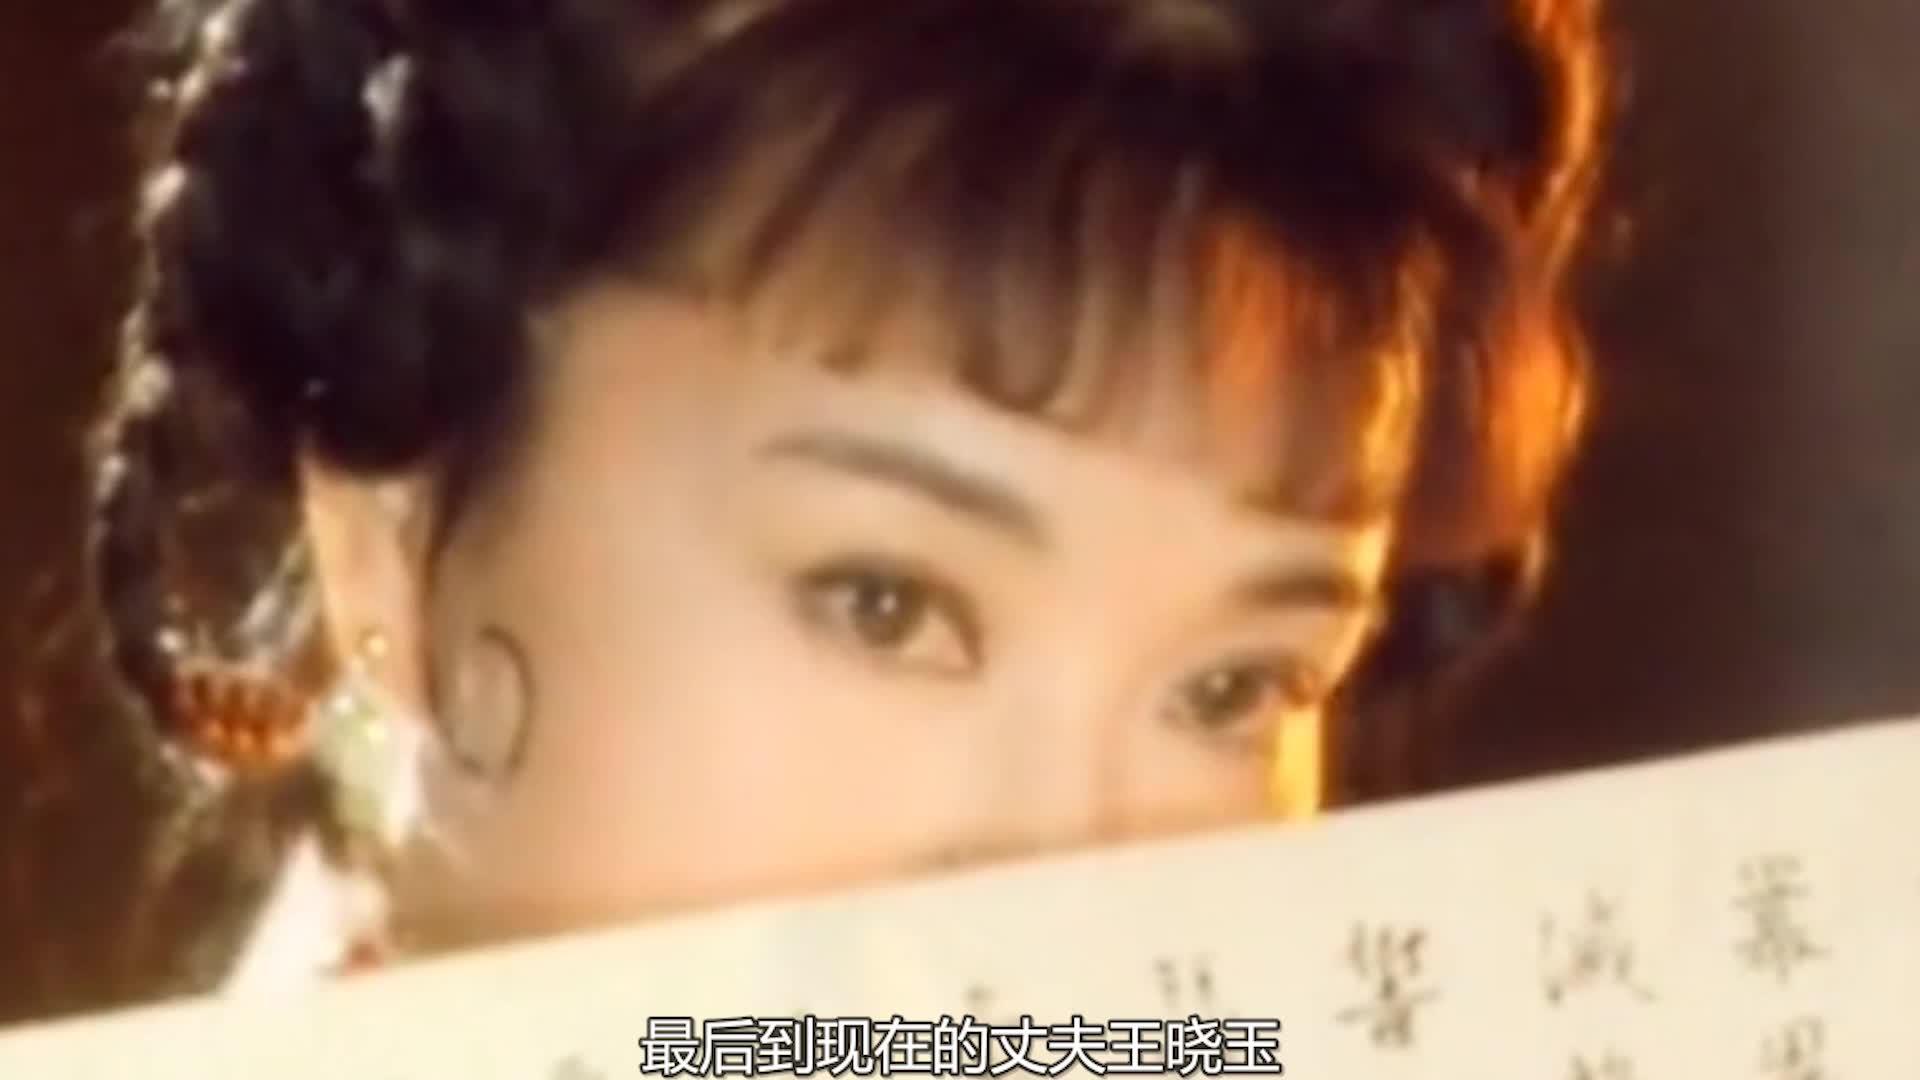 刘晓庆经历四段婚姻,被金星调侃祸害人,与陈国军的感情纠葛